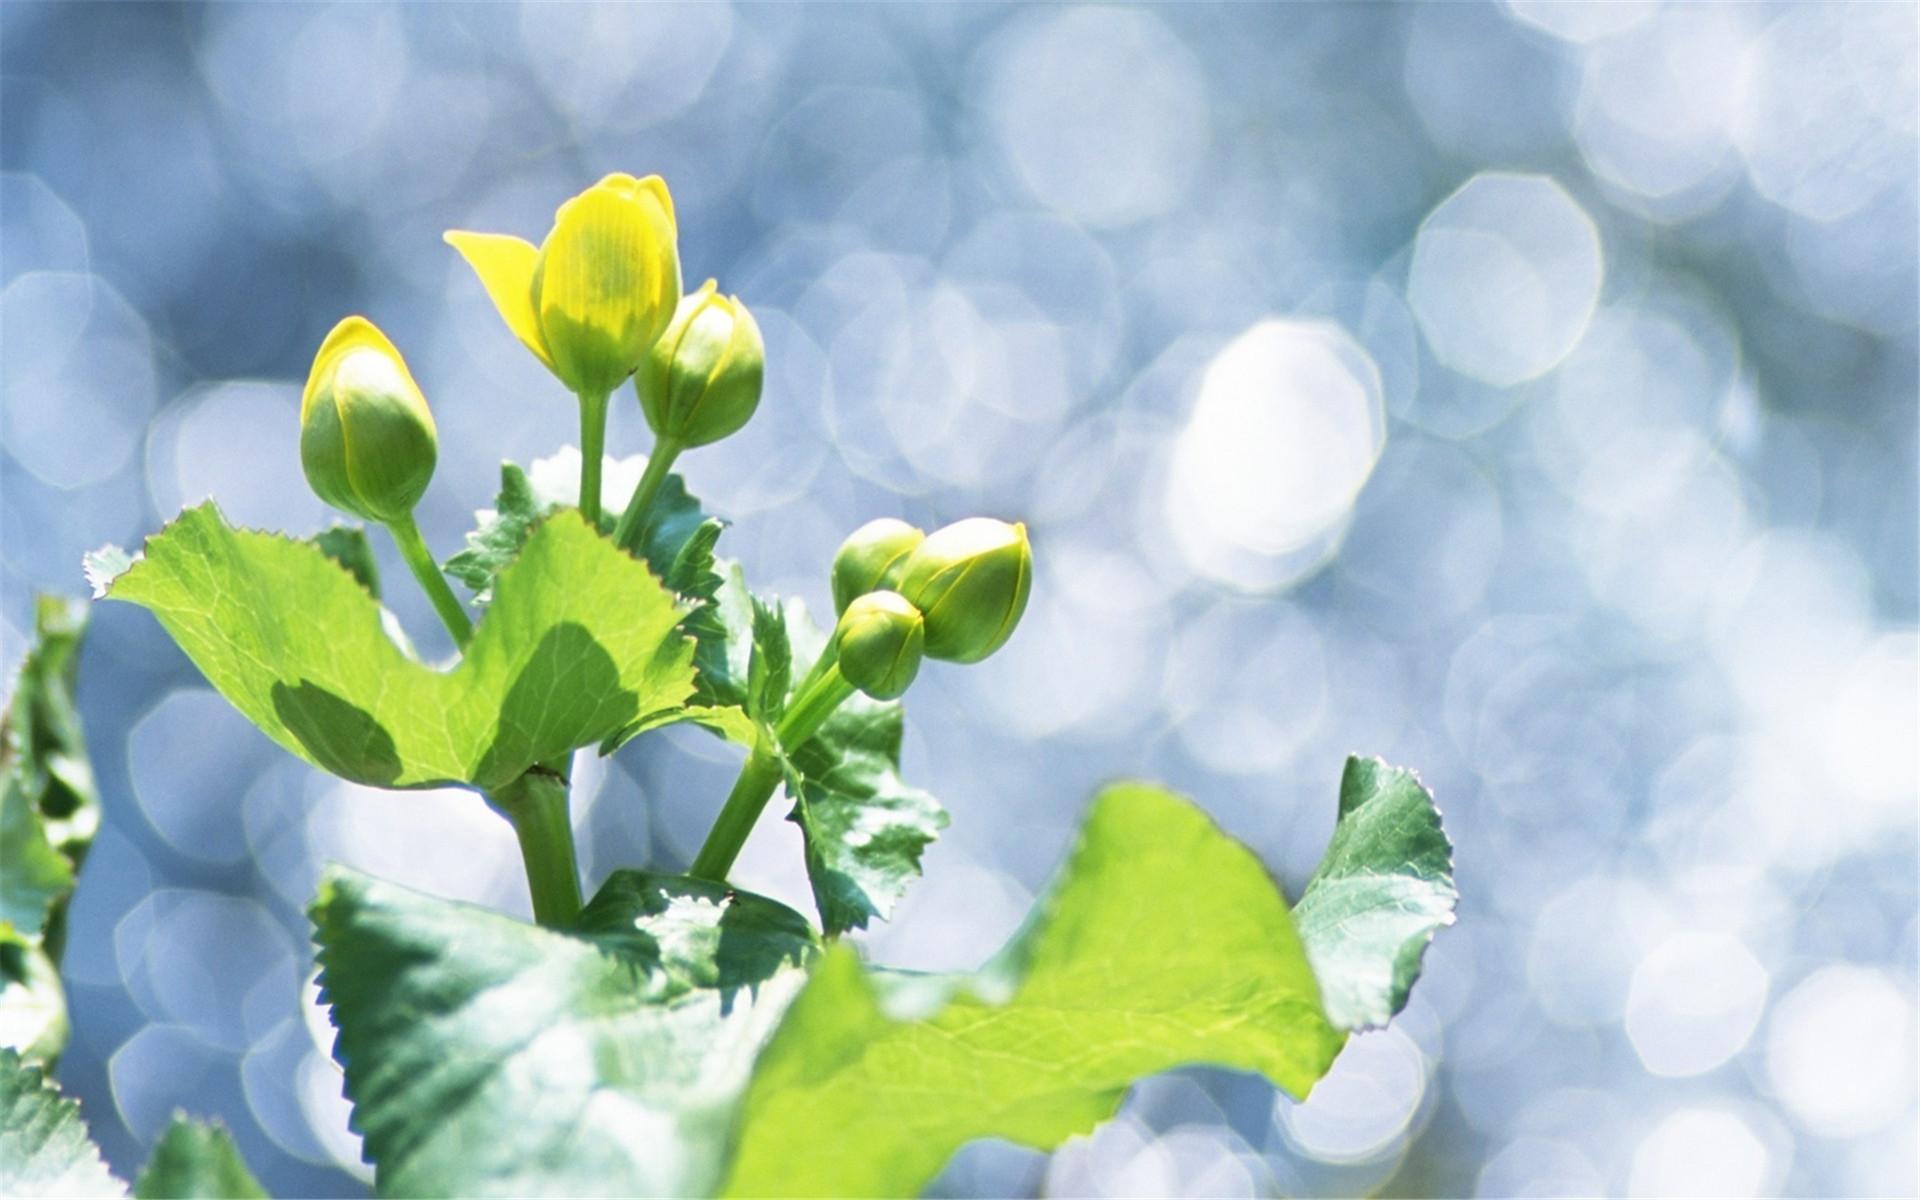 大成园林绿植租摆服务,打造绿色健康佳生活